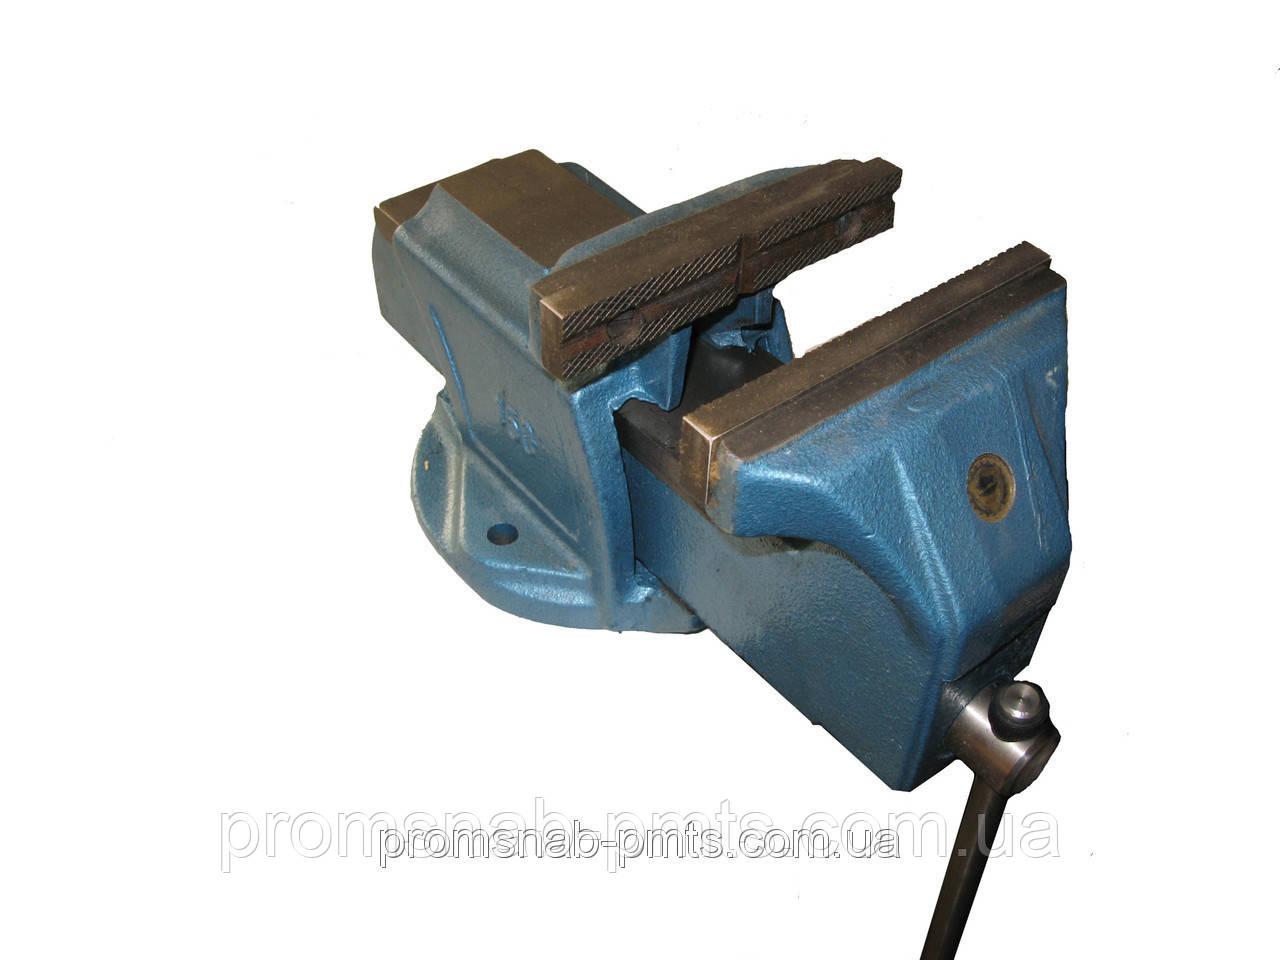 Слесарные тиски 1250-100 Bison-Bial